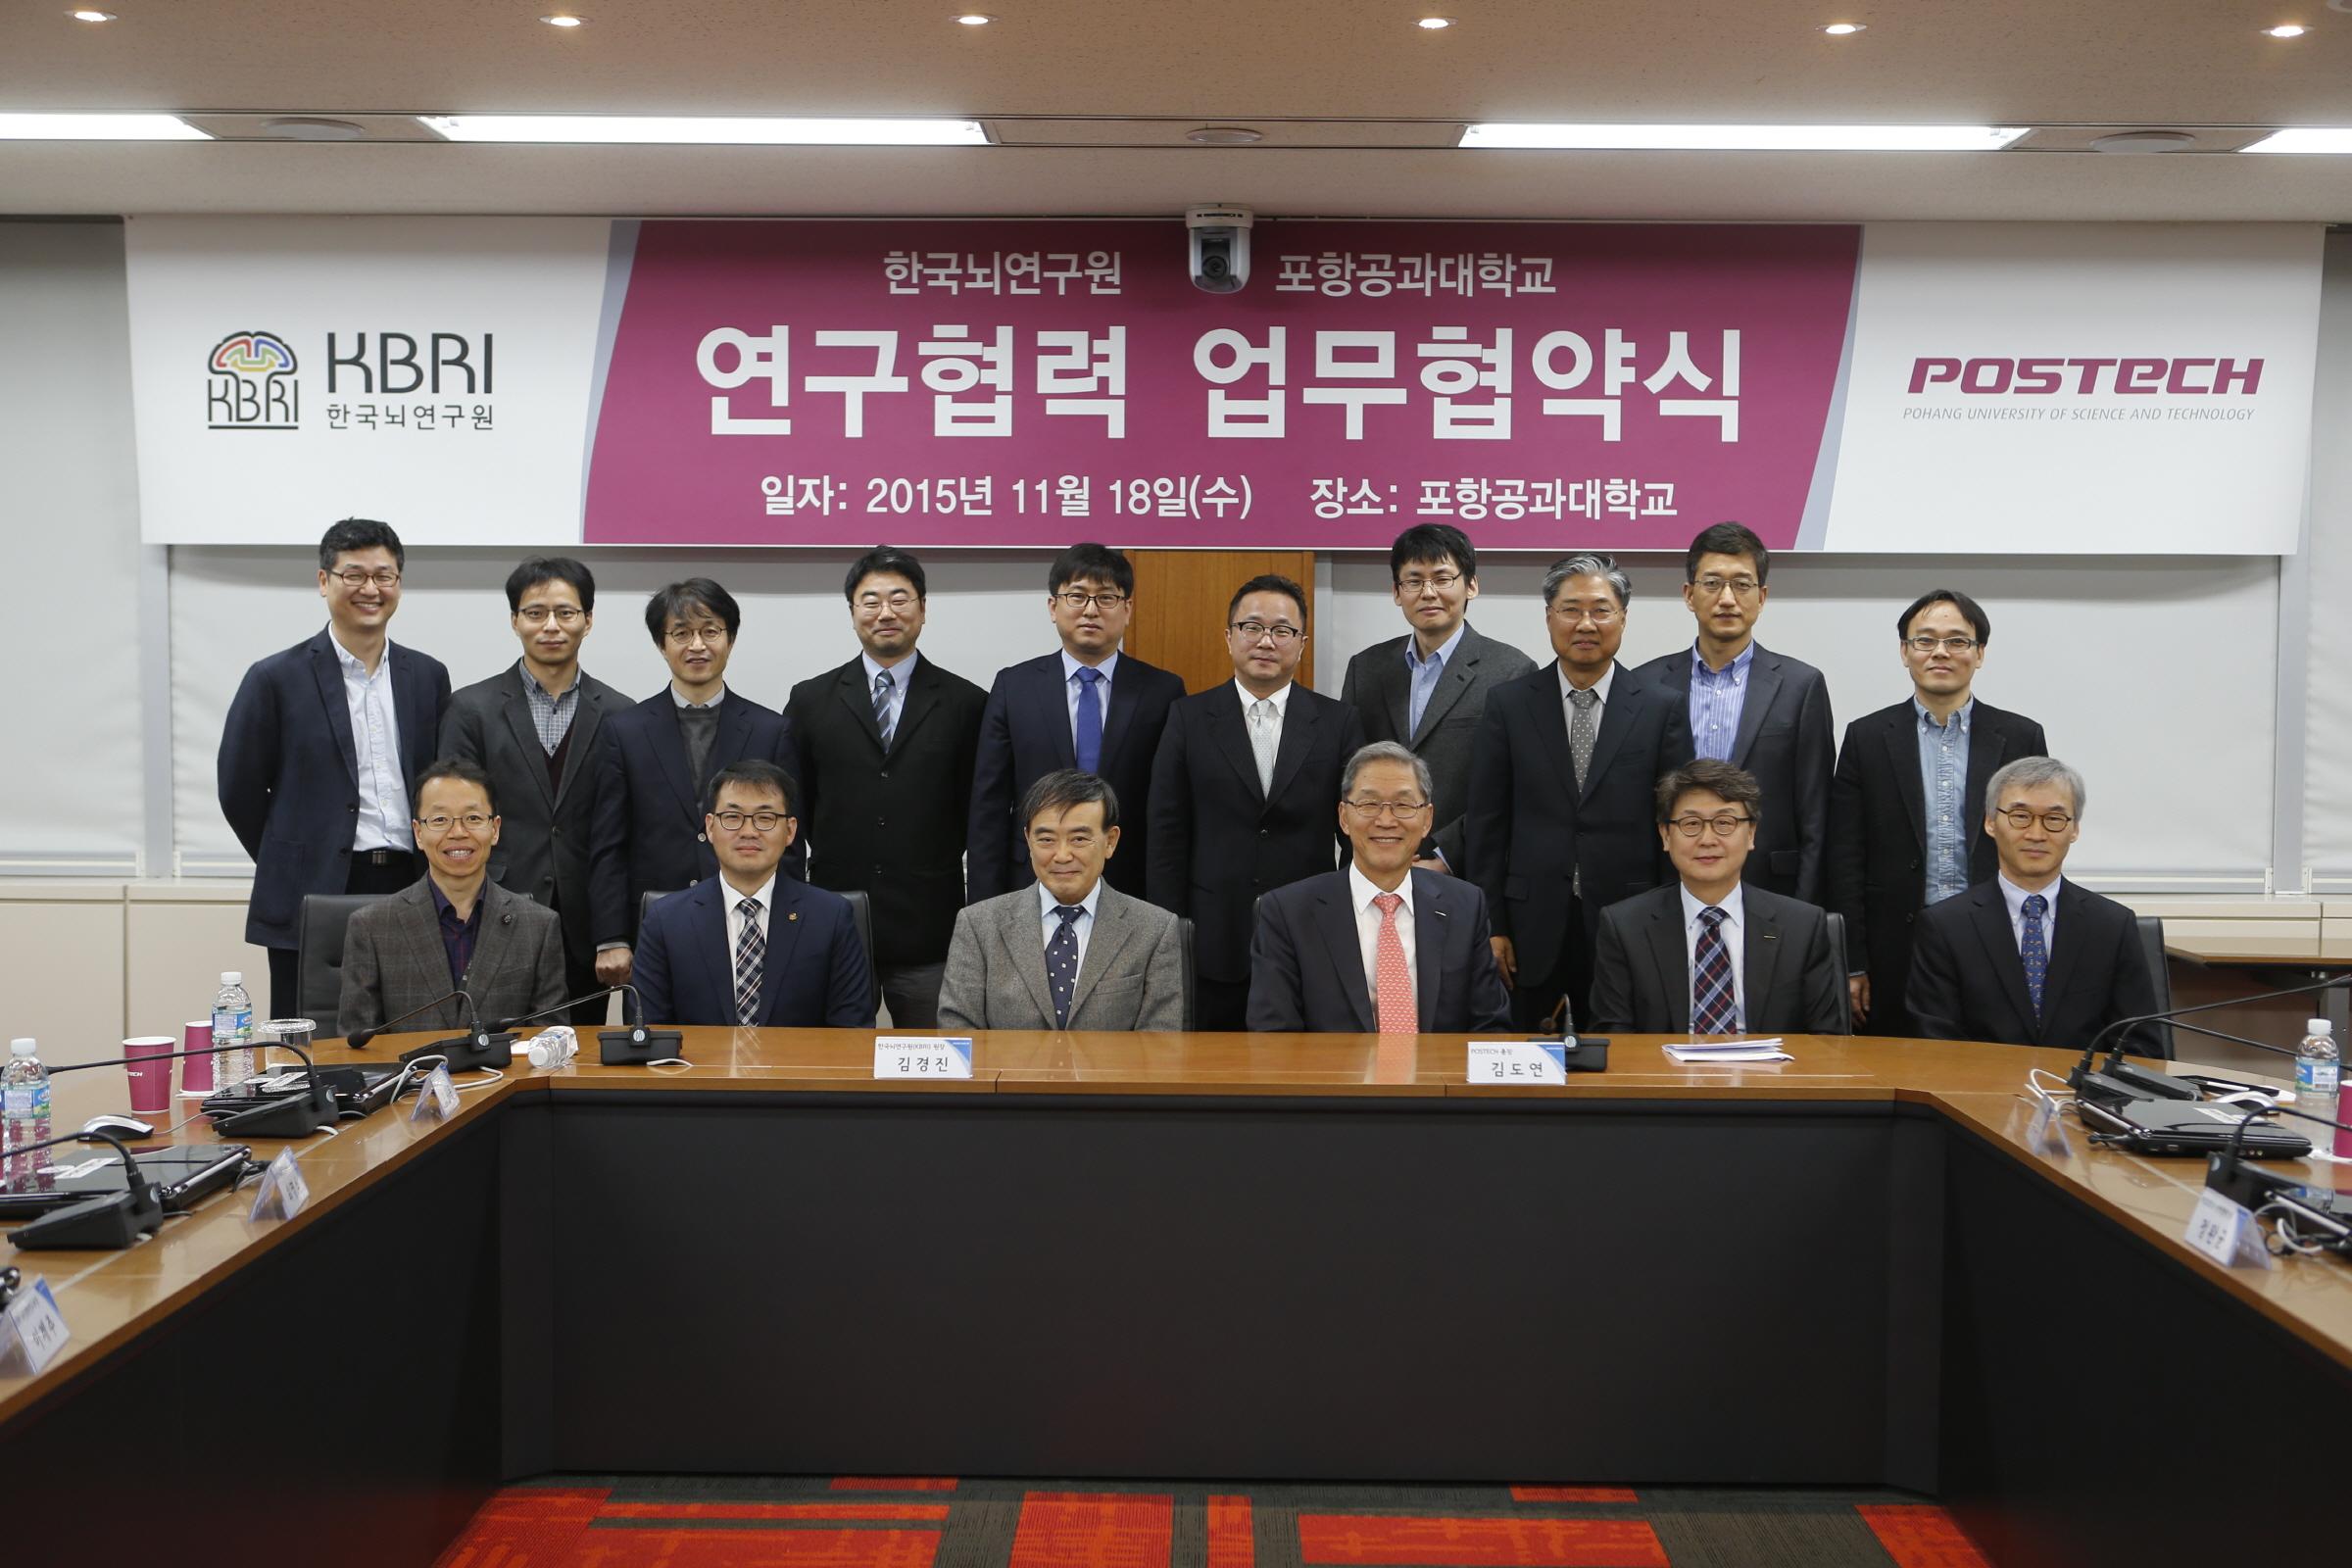 한국뇌연구원 MOU